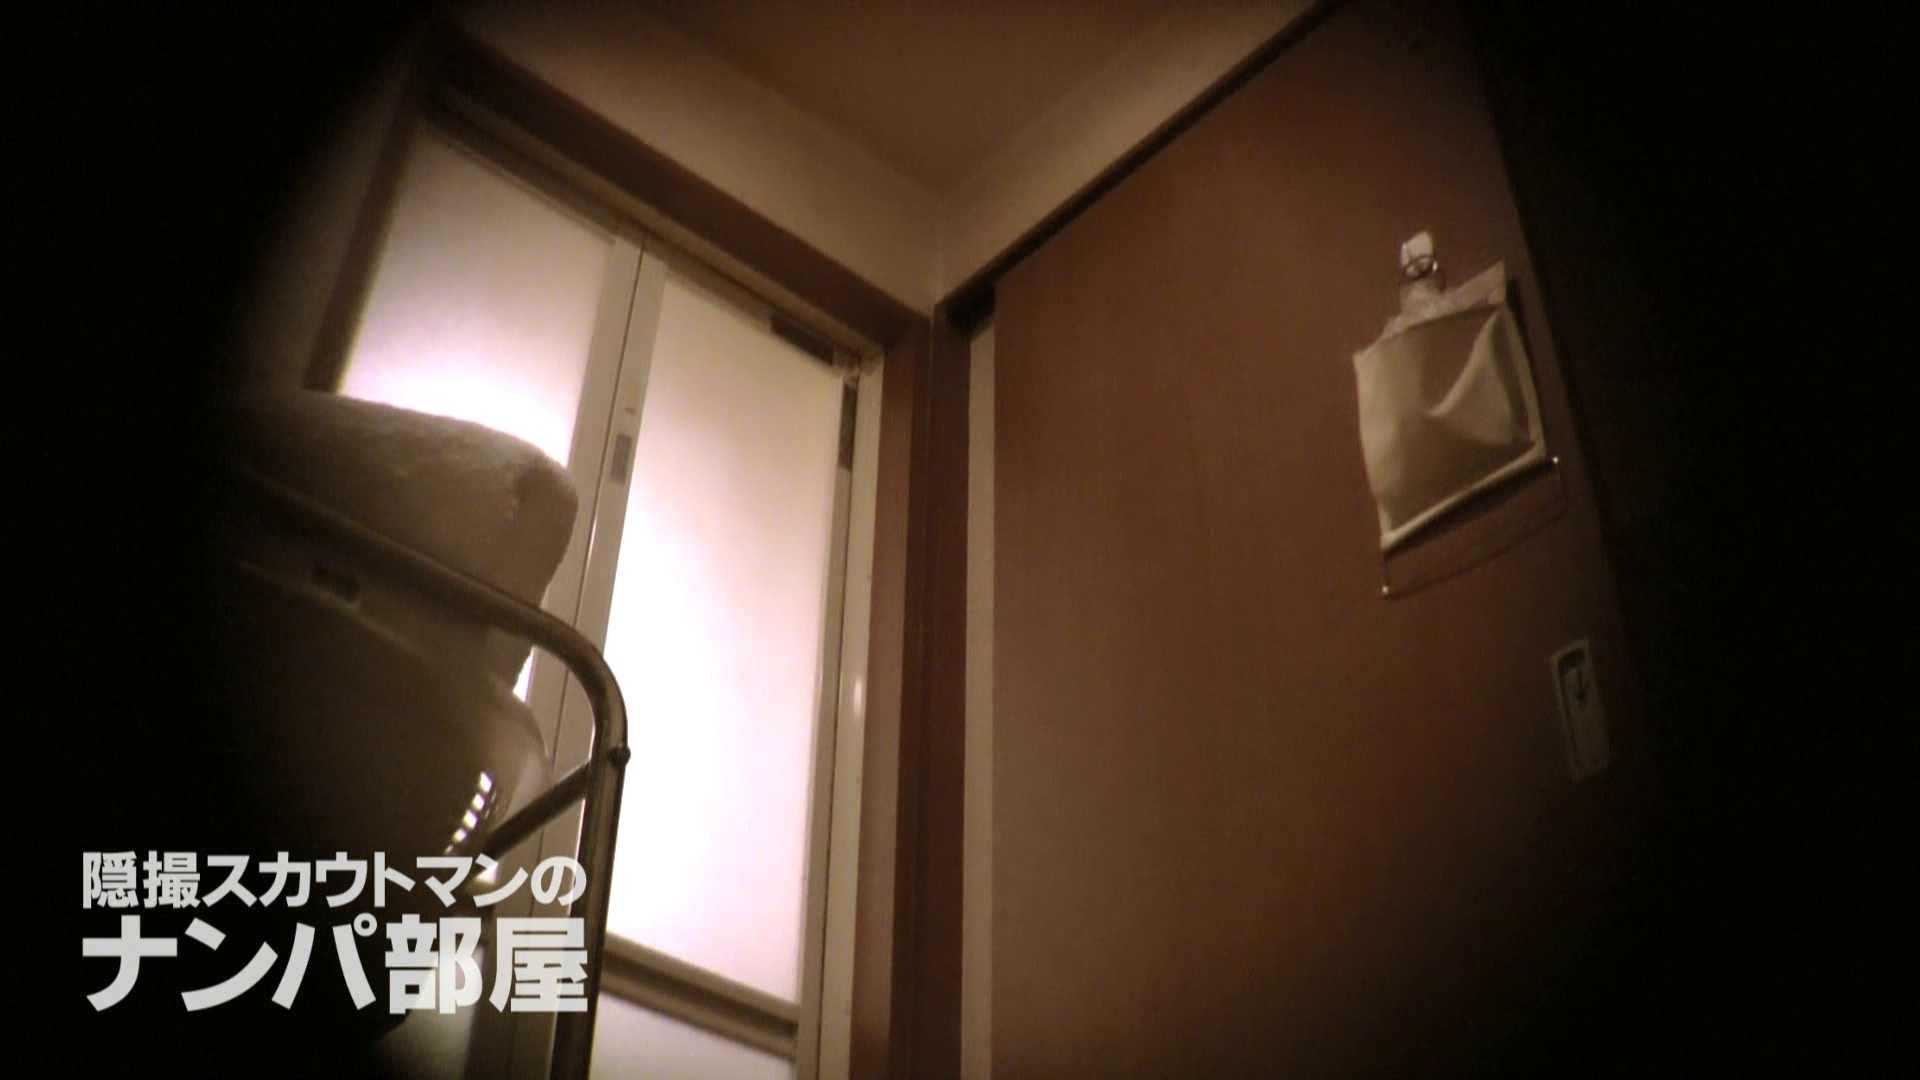 隠撮スカウトマンのナンパ部屋~風俗デビュー前のつまみ食い~ sii 隠撮  98pic 45